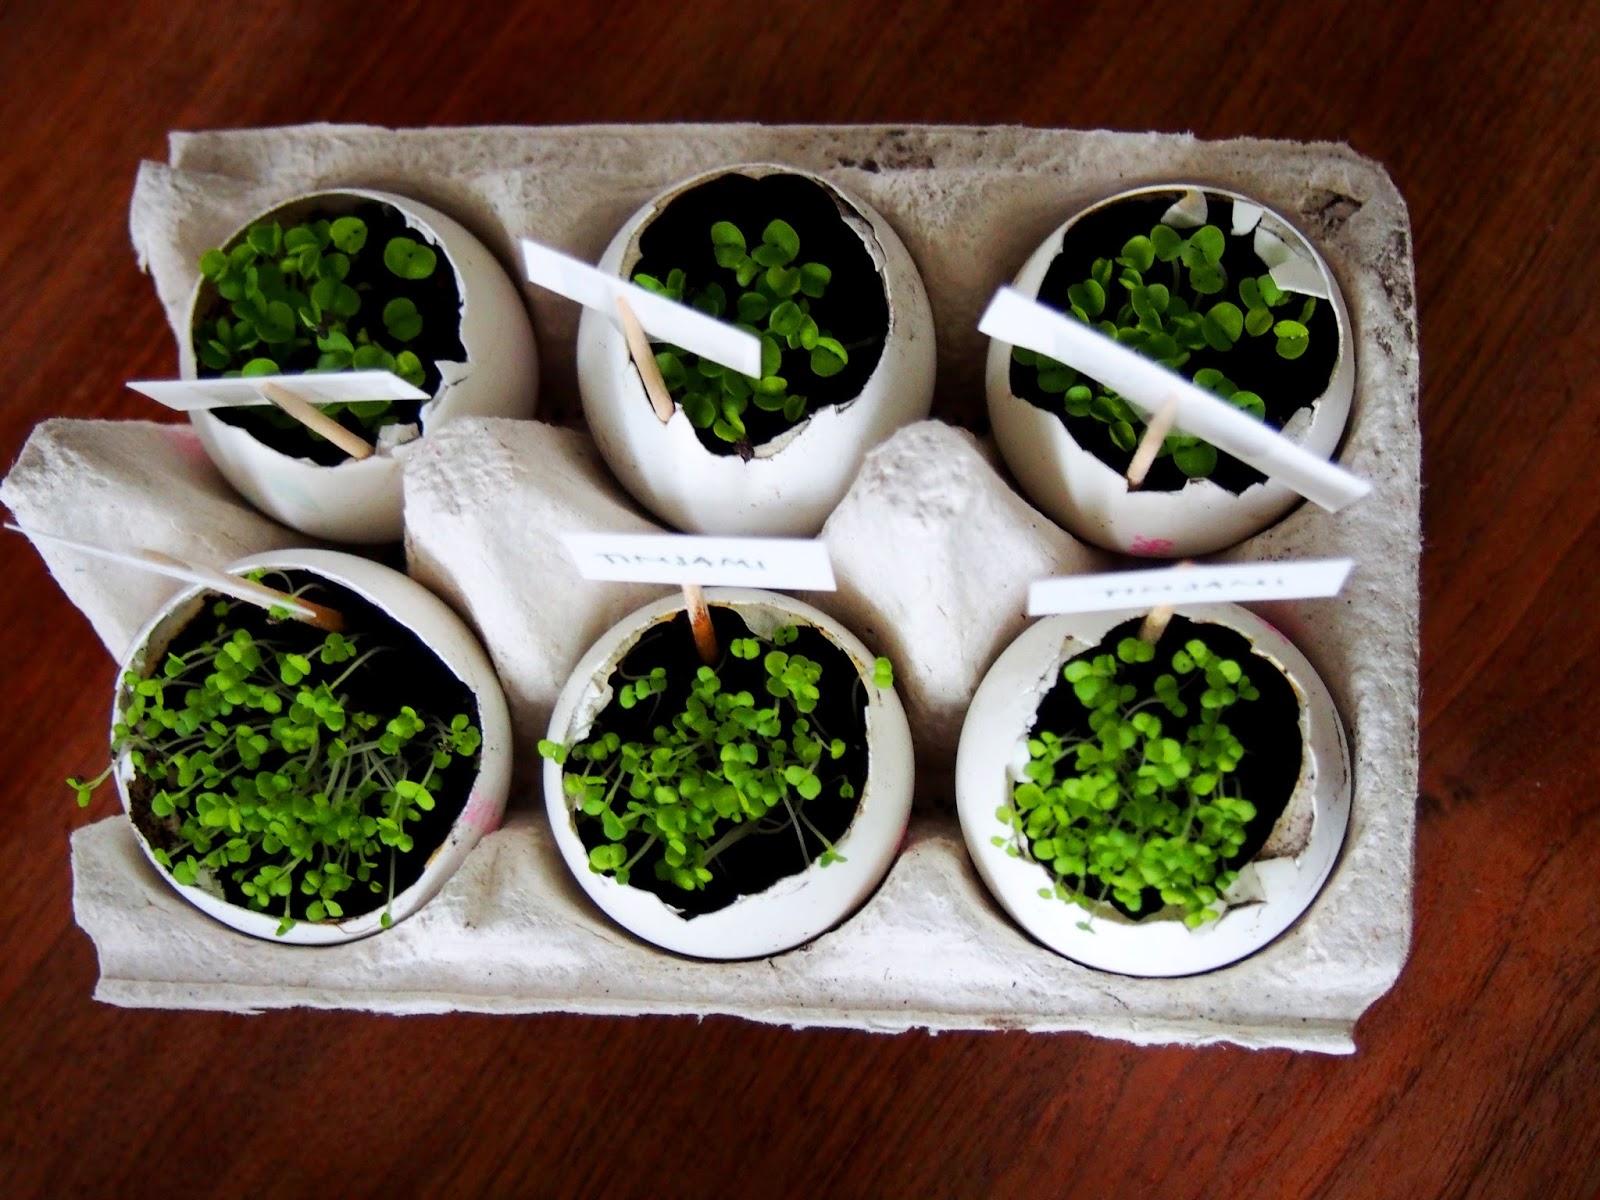 plants, kasvit, kasvattaminen, herb, yrtti, yrtit, timjami, basilika, thyme, basil, pretty, small, pieni, suloinen